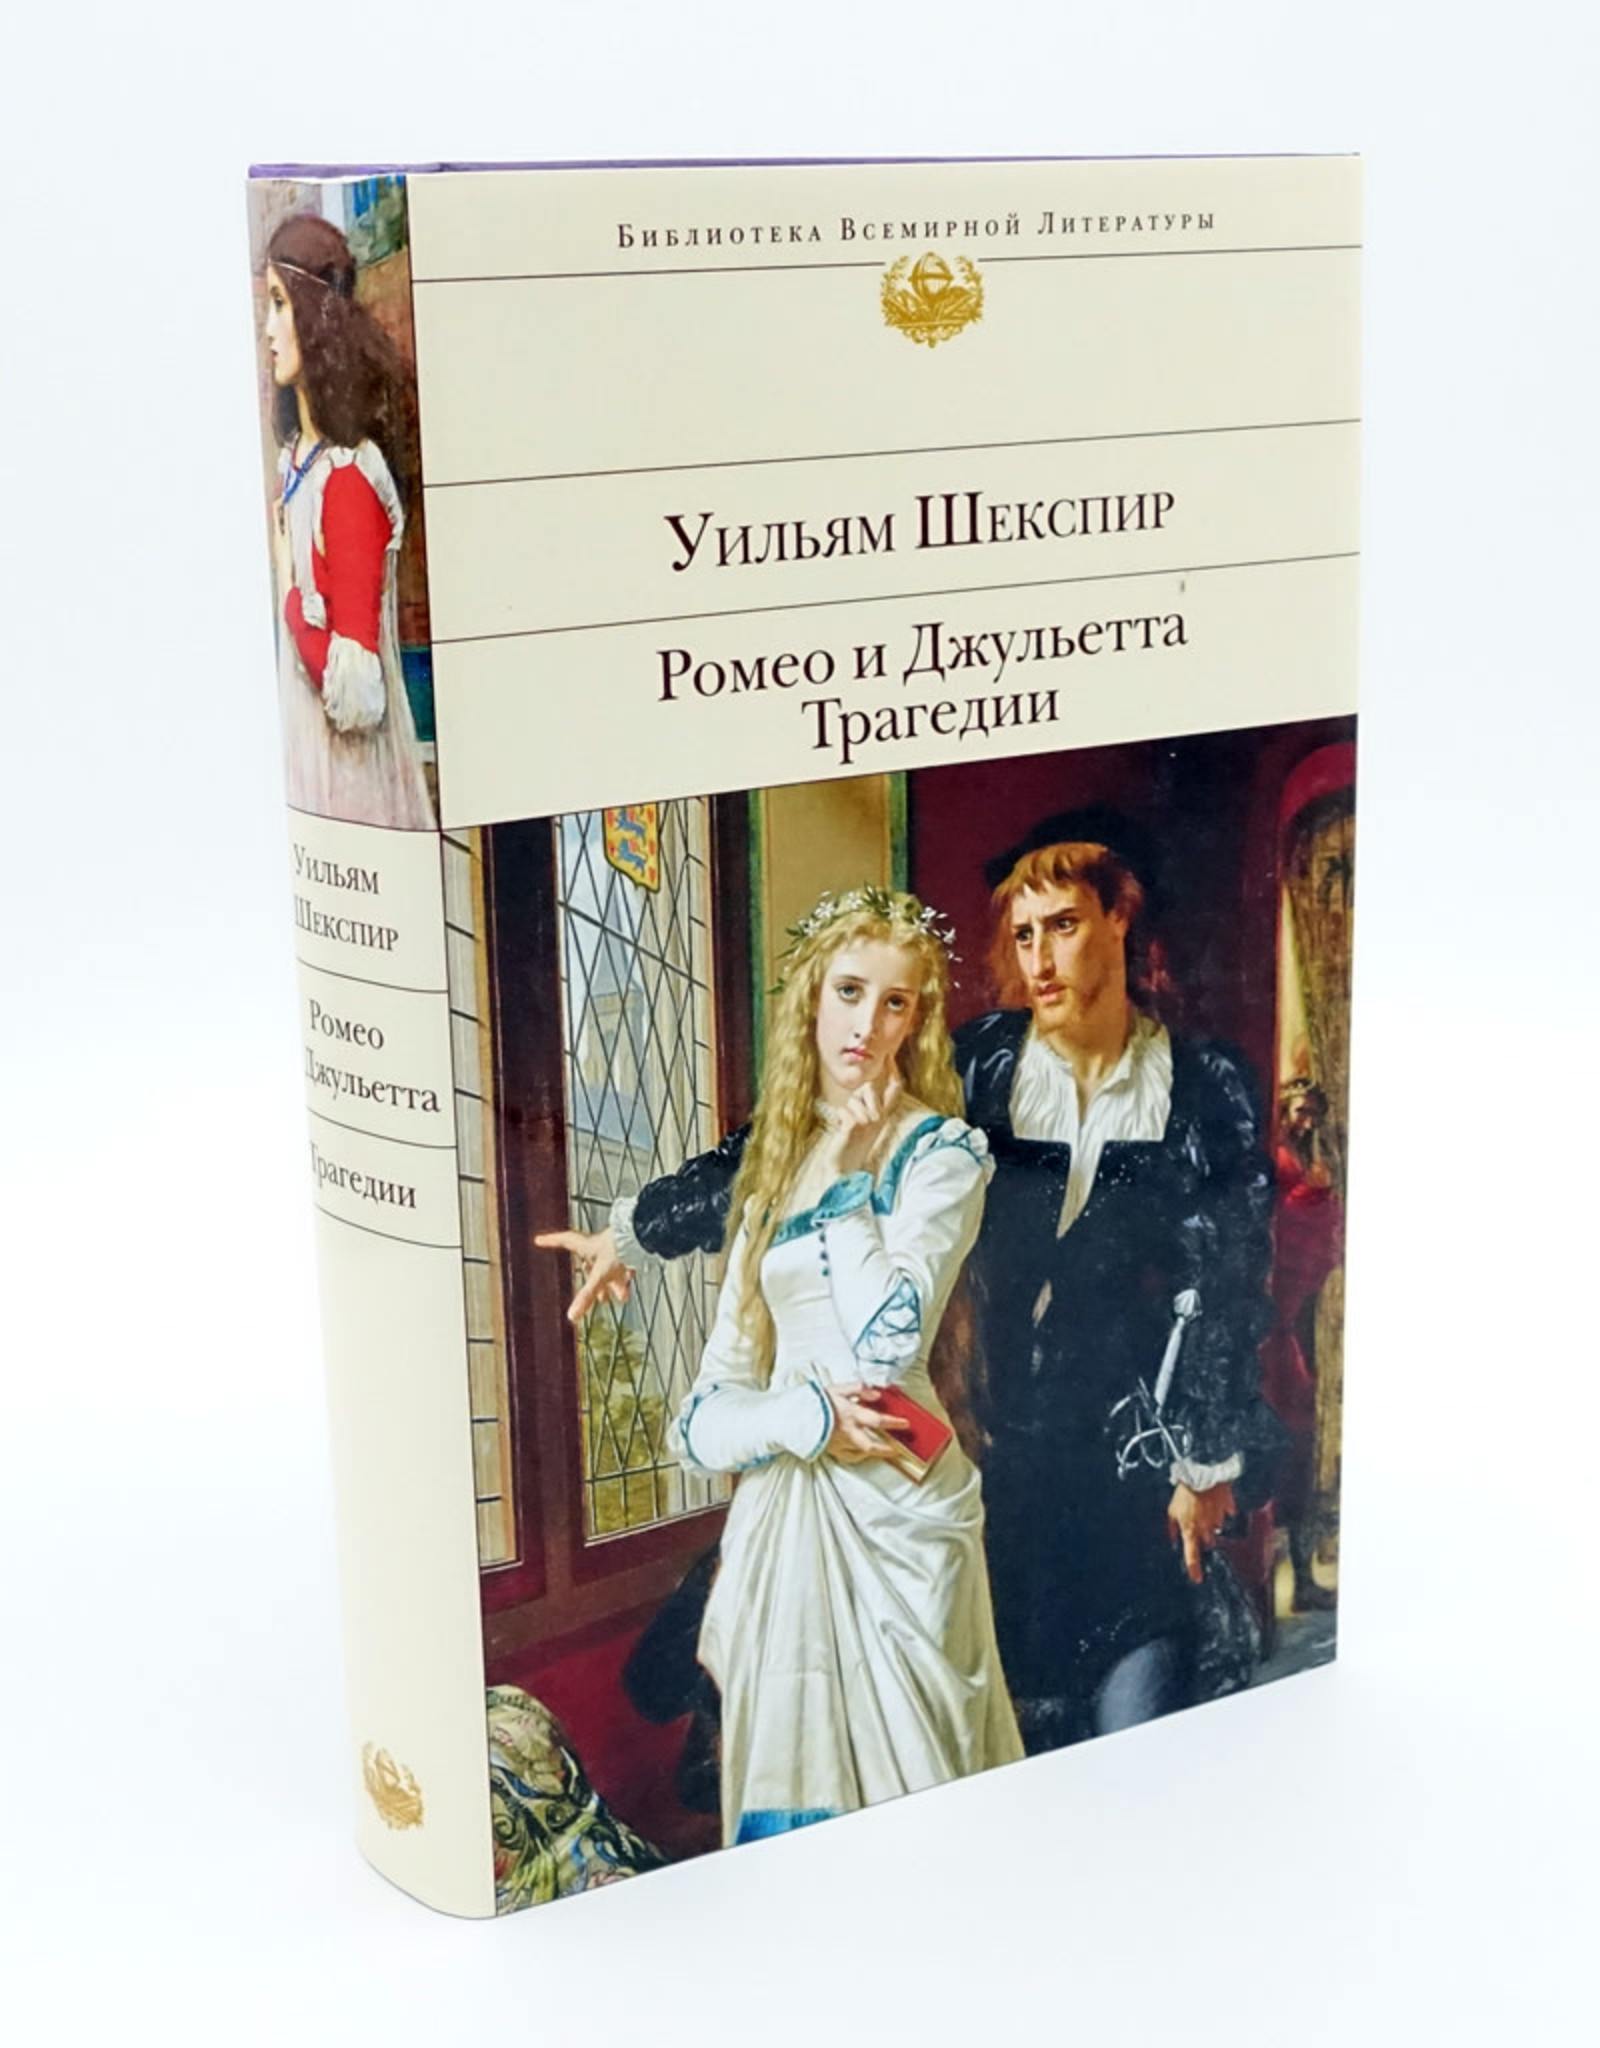 Ромео и Джульетта Трагедии, Уильям Шекспир